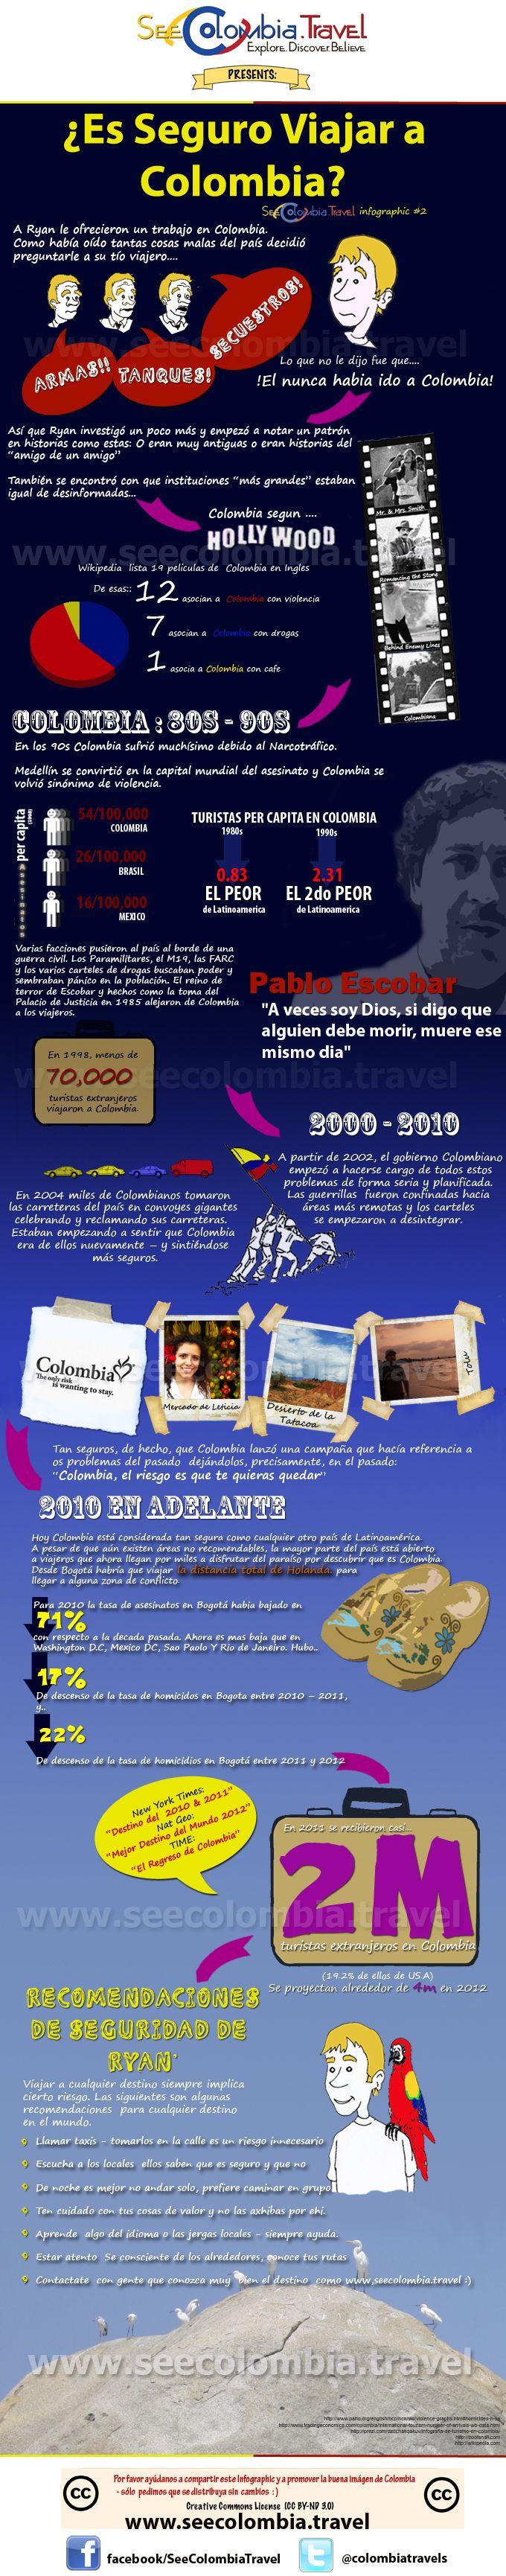 Es seguro viajar a Colombia -See Colombia Travel ESP